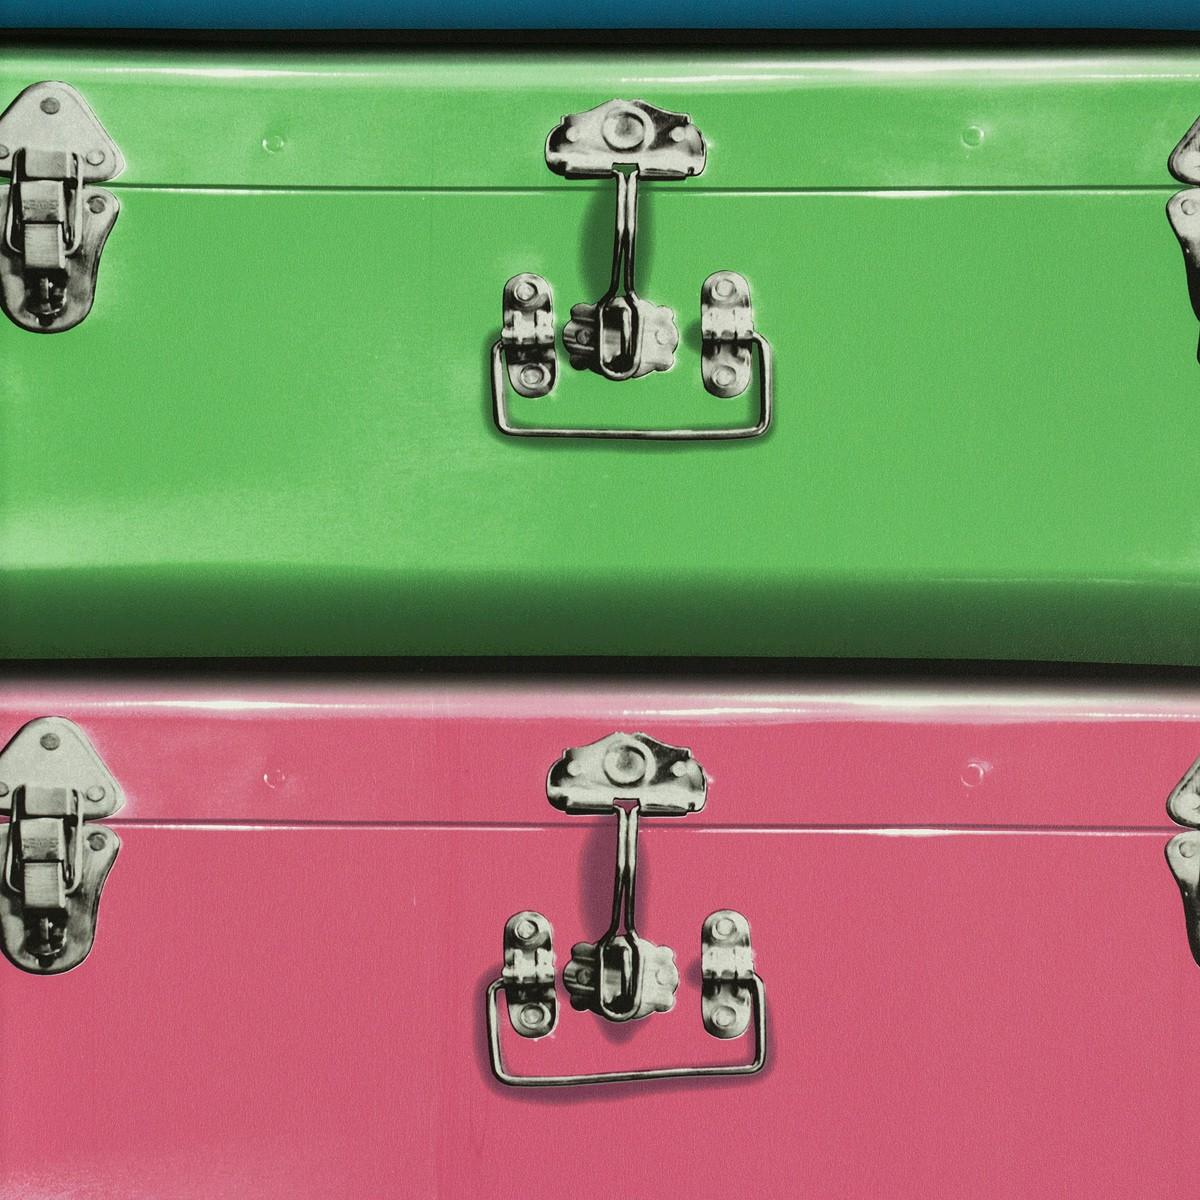 tapete koffer rosa gr n blau tapeten rasch textil new age 319865. Black Bedroom Furniture Sets. Home Design Ideas